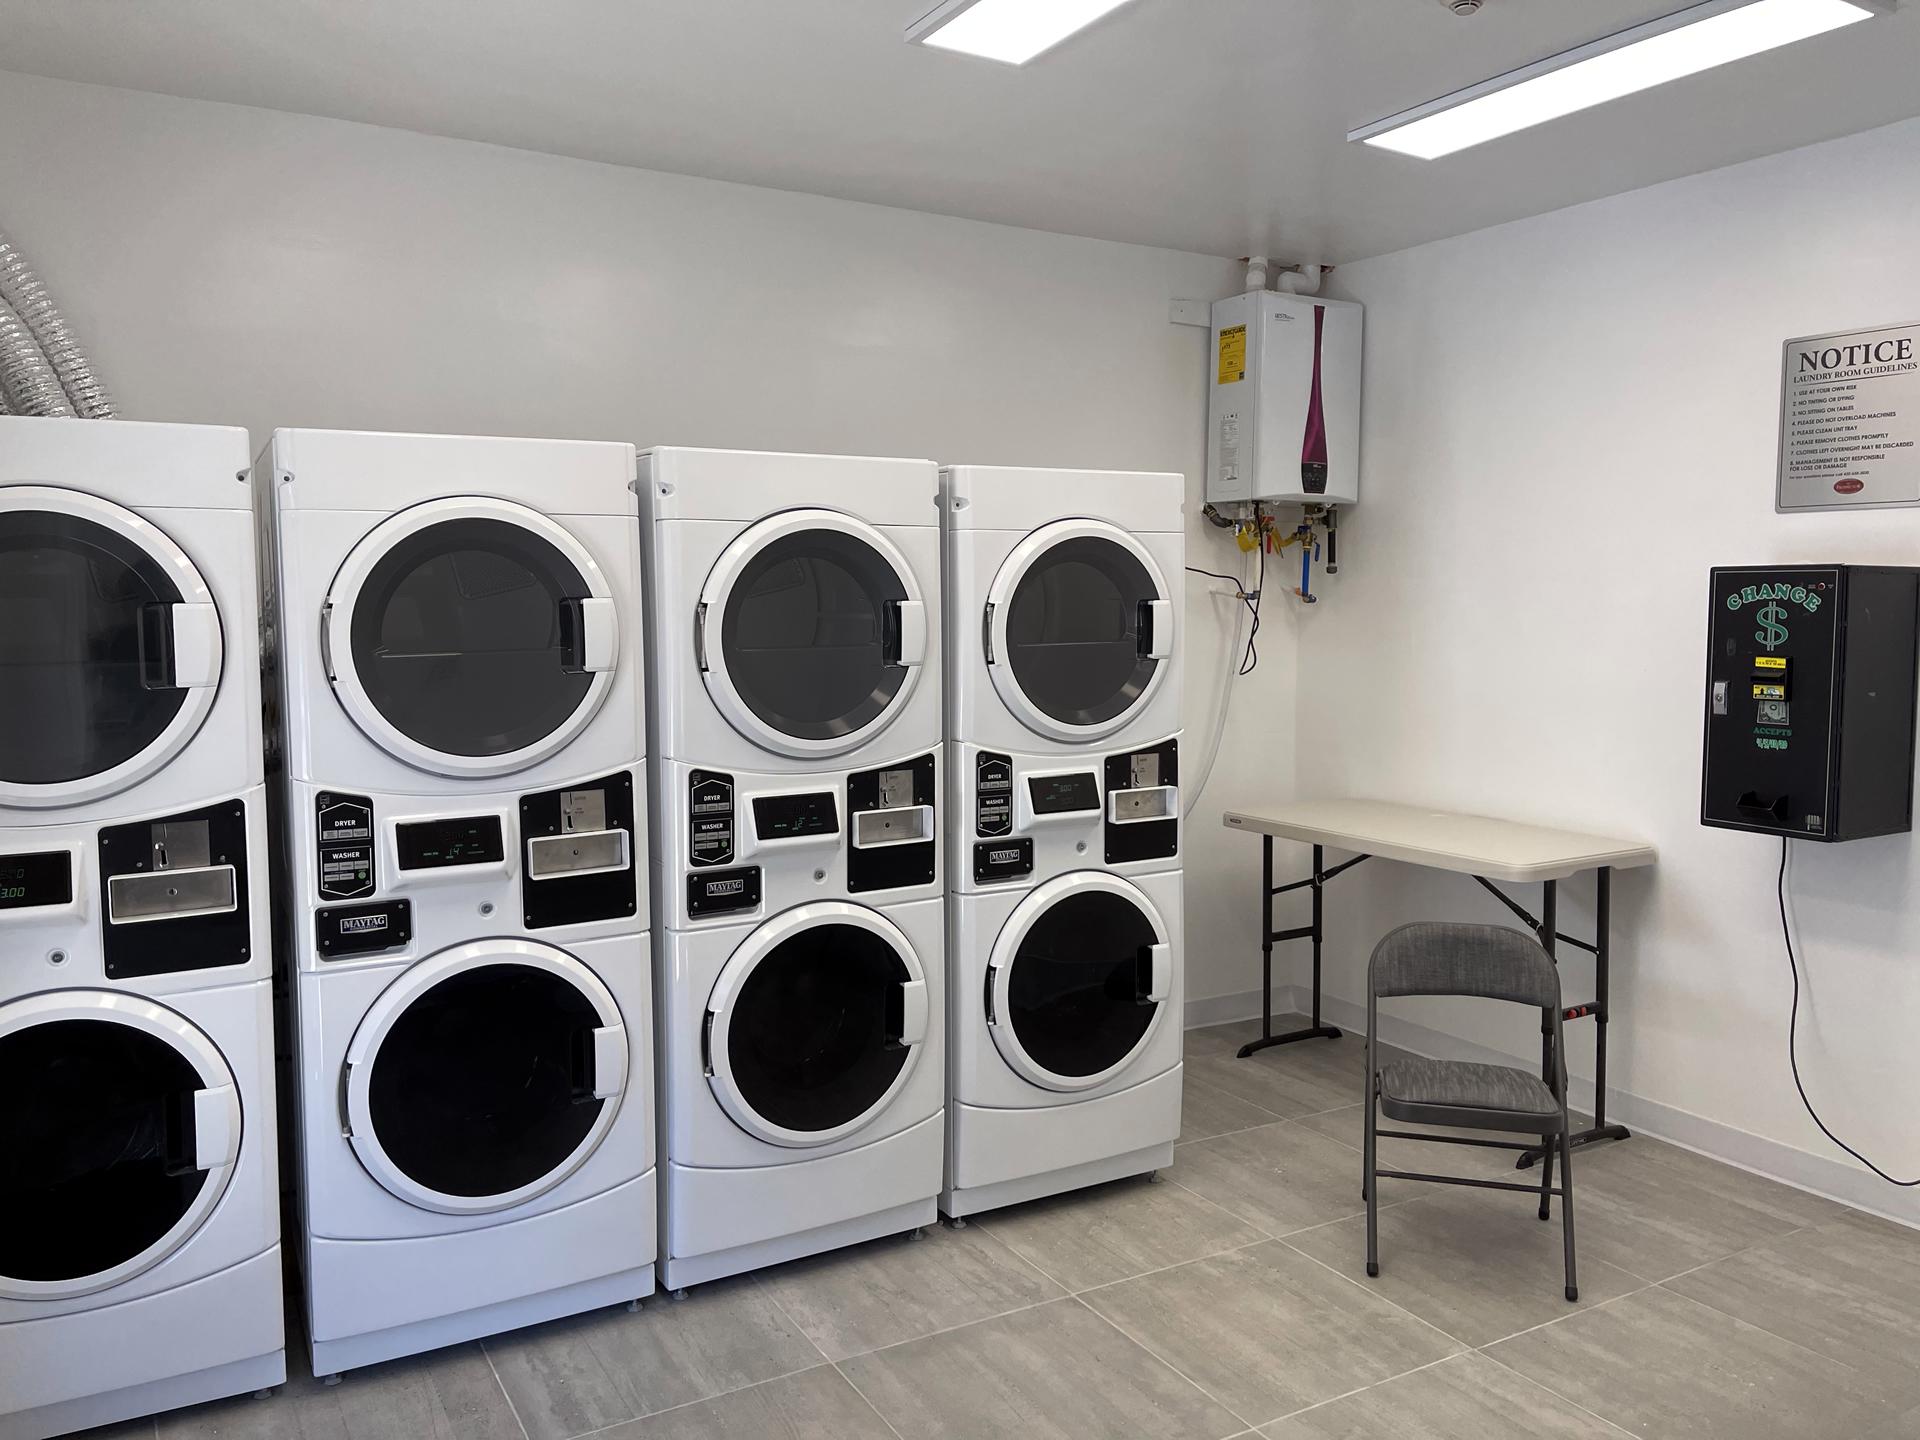 Prospector Laundry Facility